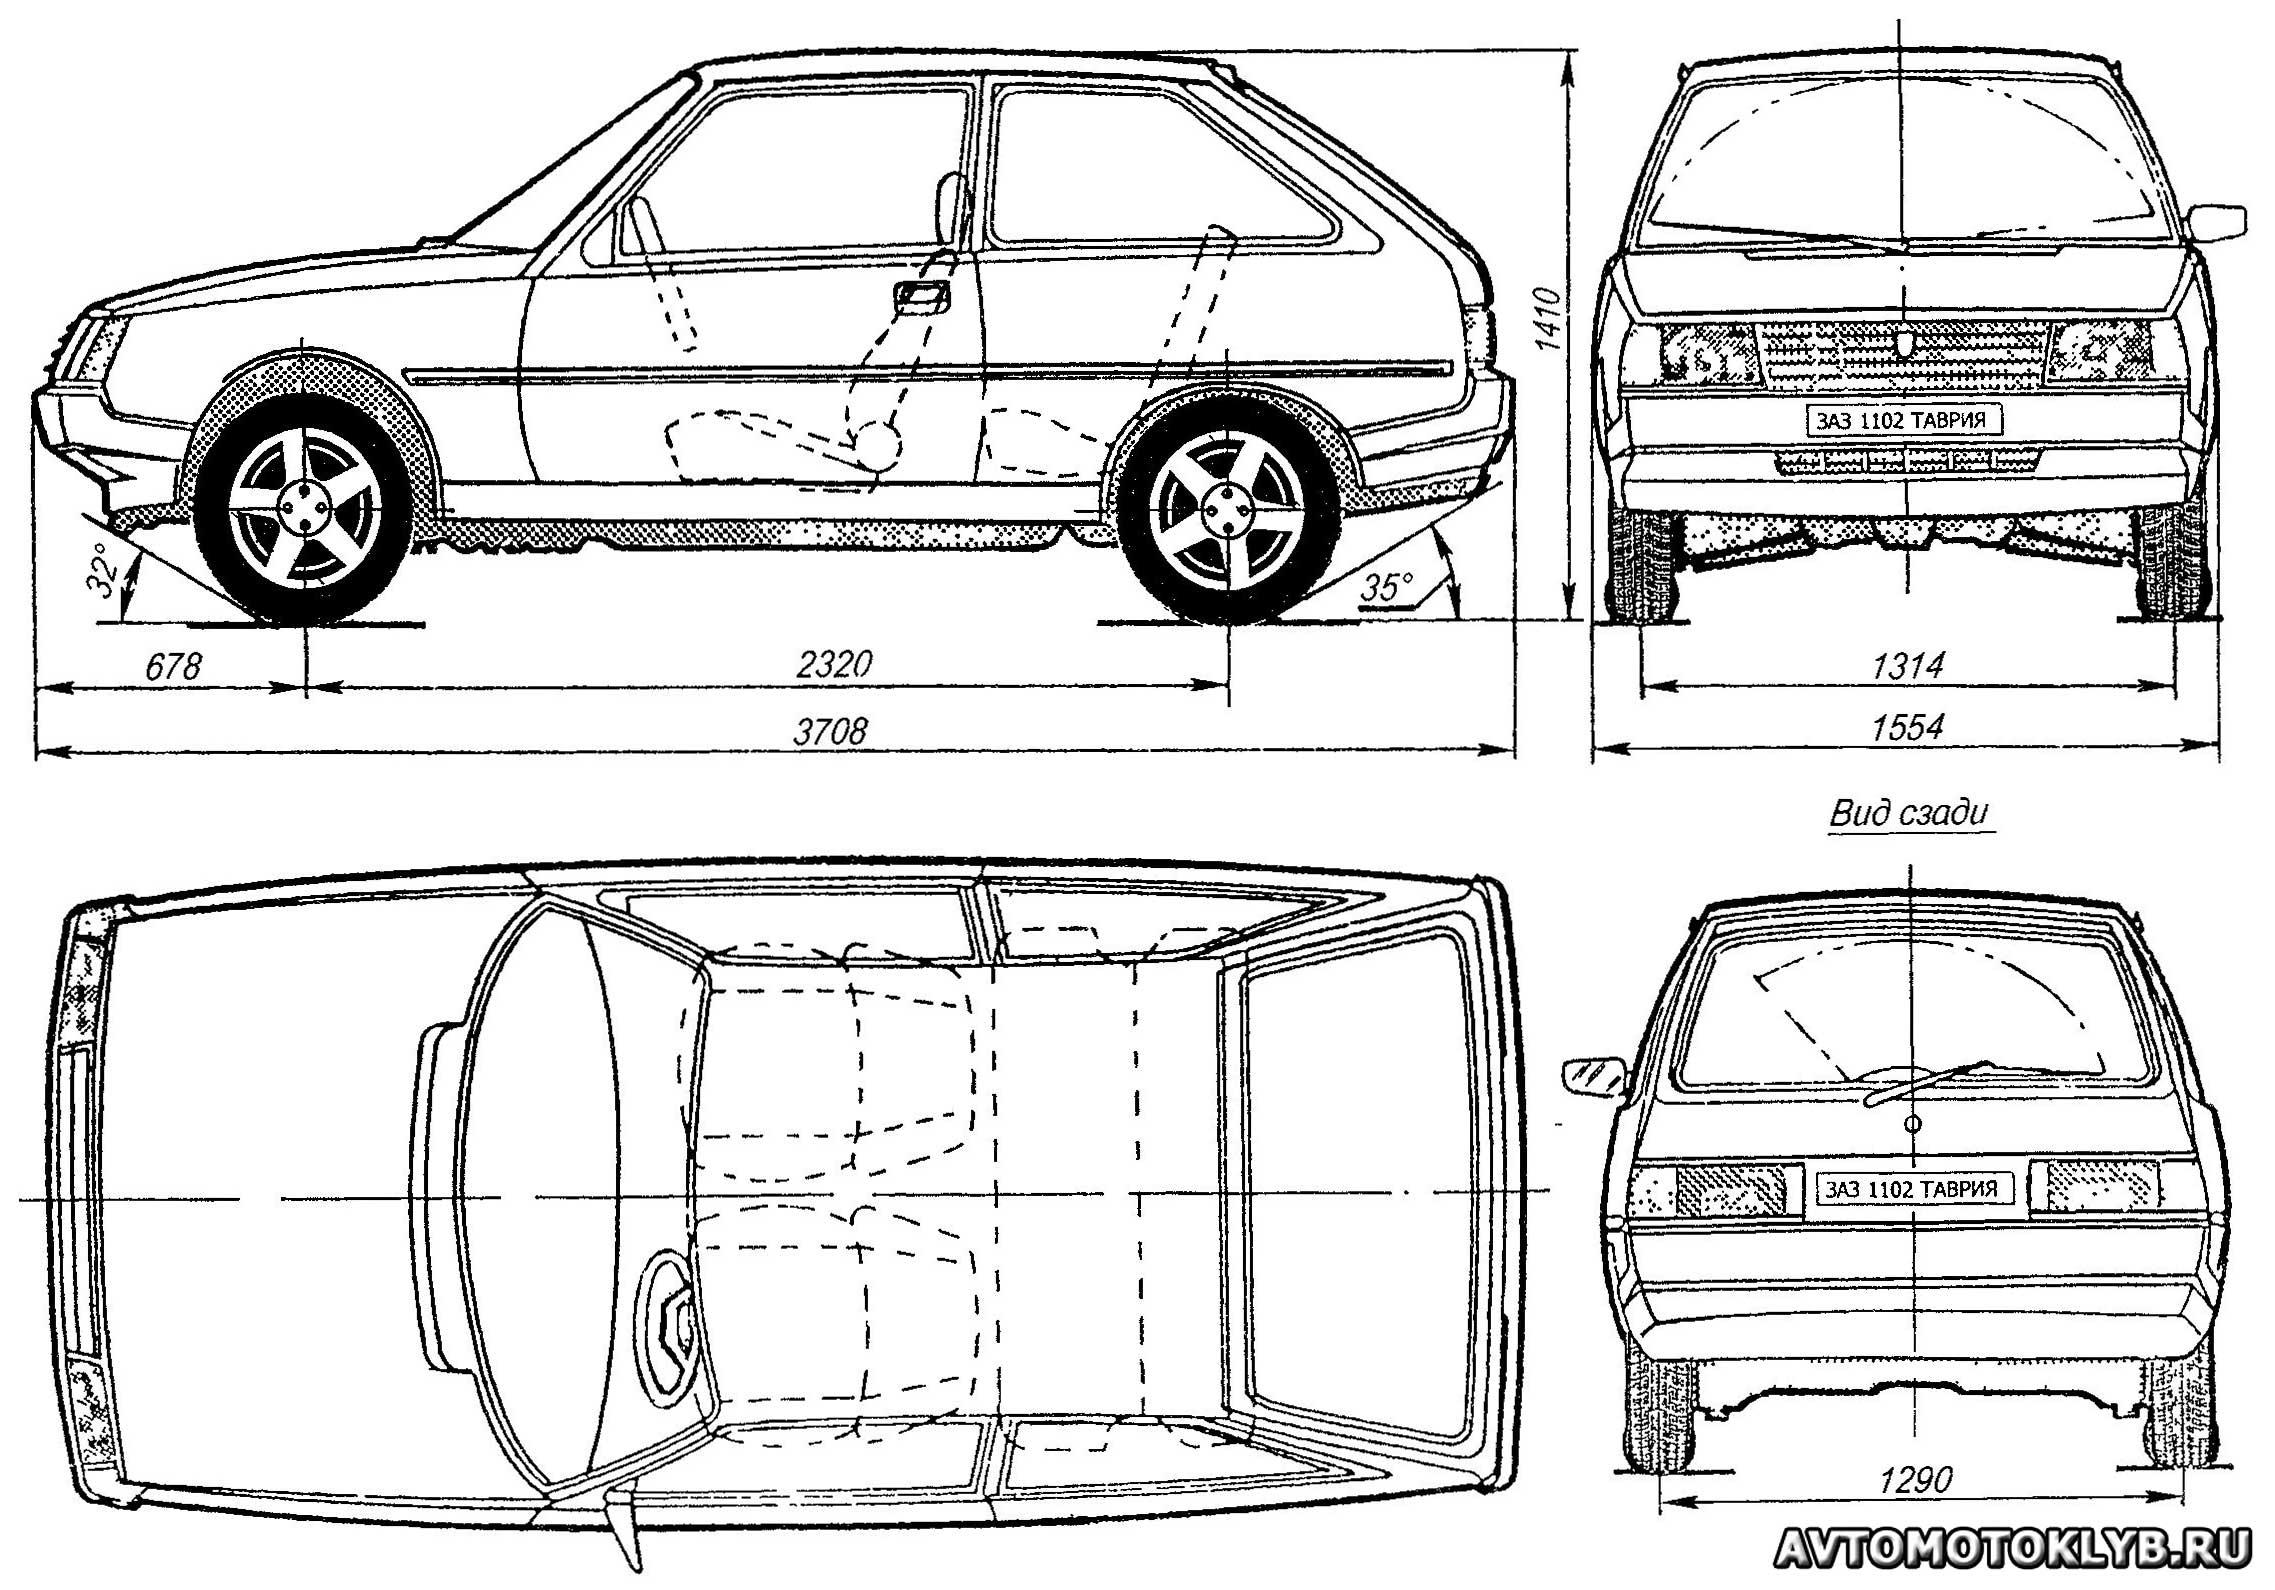 """Схема автомобиля ЗАЗ-1102  """"Таврия """" ."""